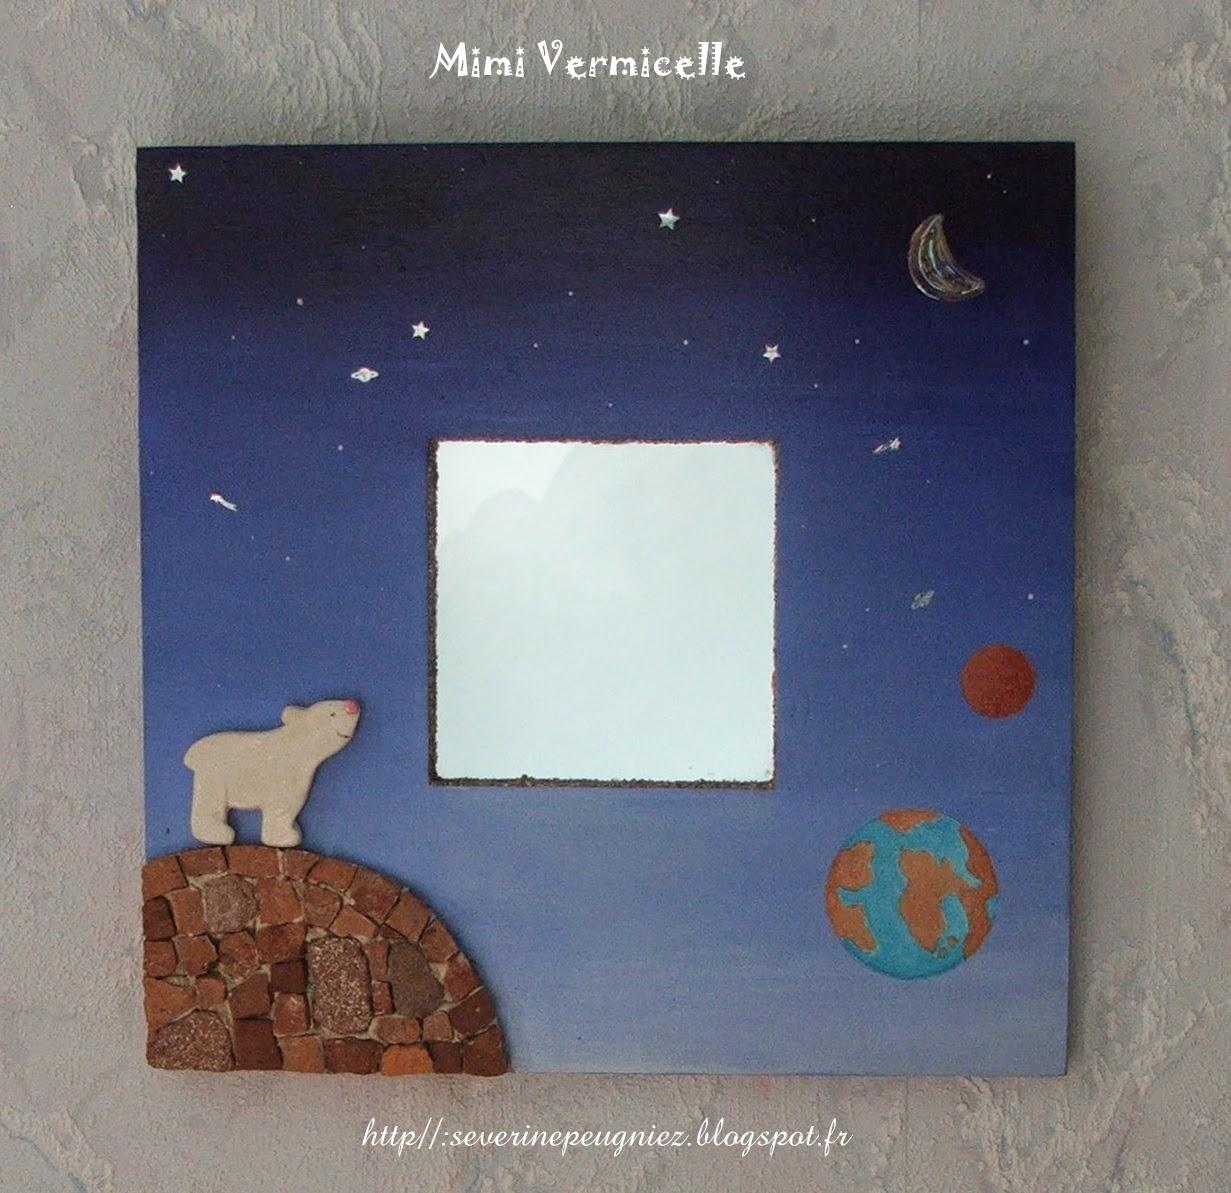 Séverine Peugniez Créations: Miroirs de créateur pour ...